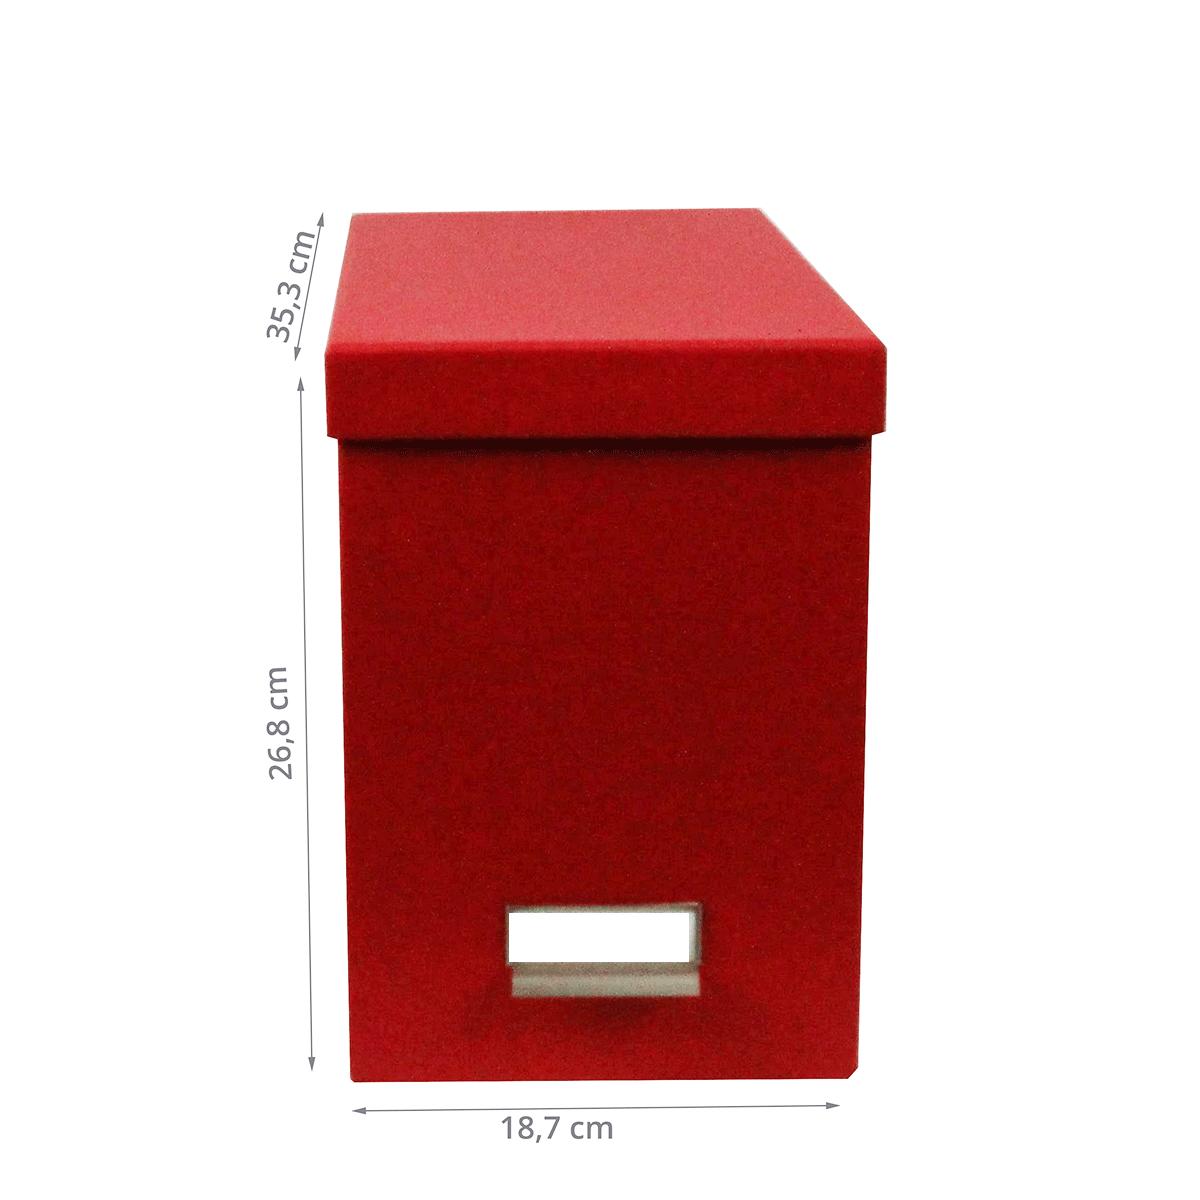 bo te de classement des papiers carton rouge. Black Bedroom Furniture Sets. Home Design Ideas